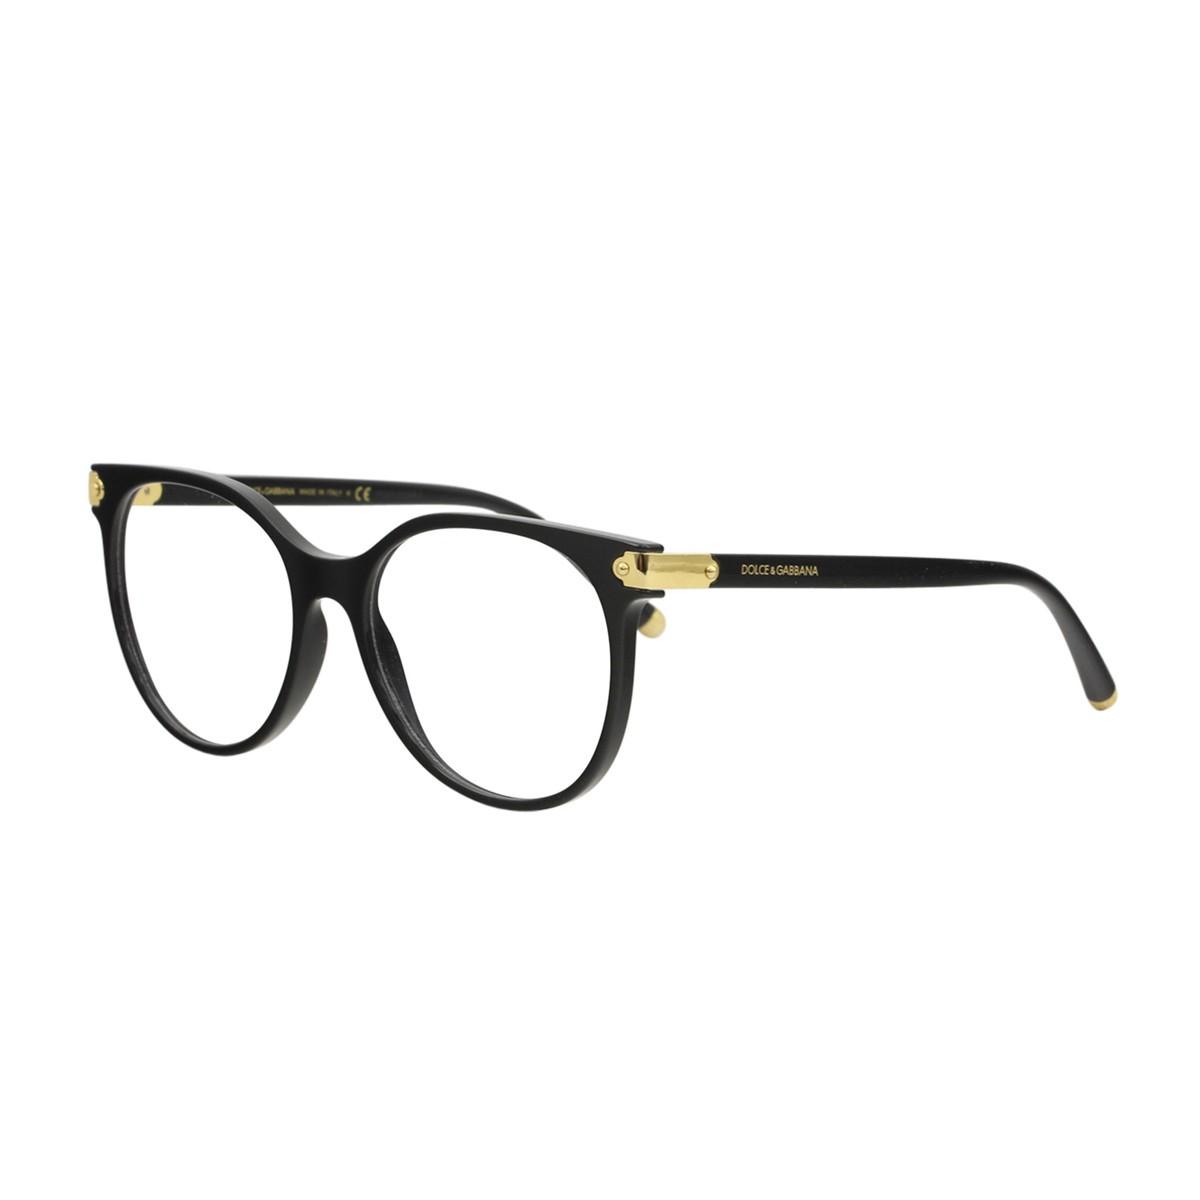 Dolce & Gabbana DG5032 | Occhiali da vista Donna